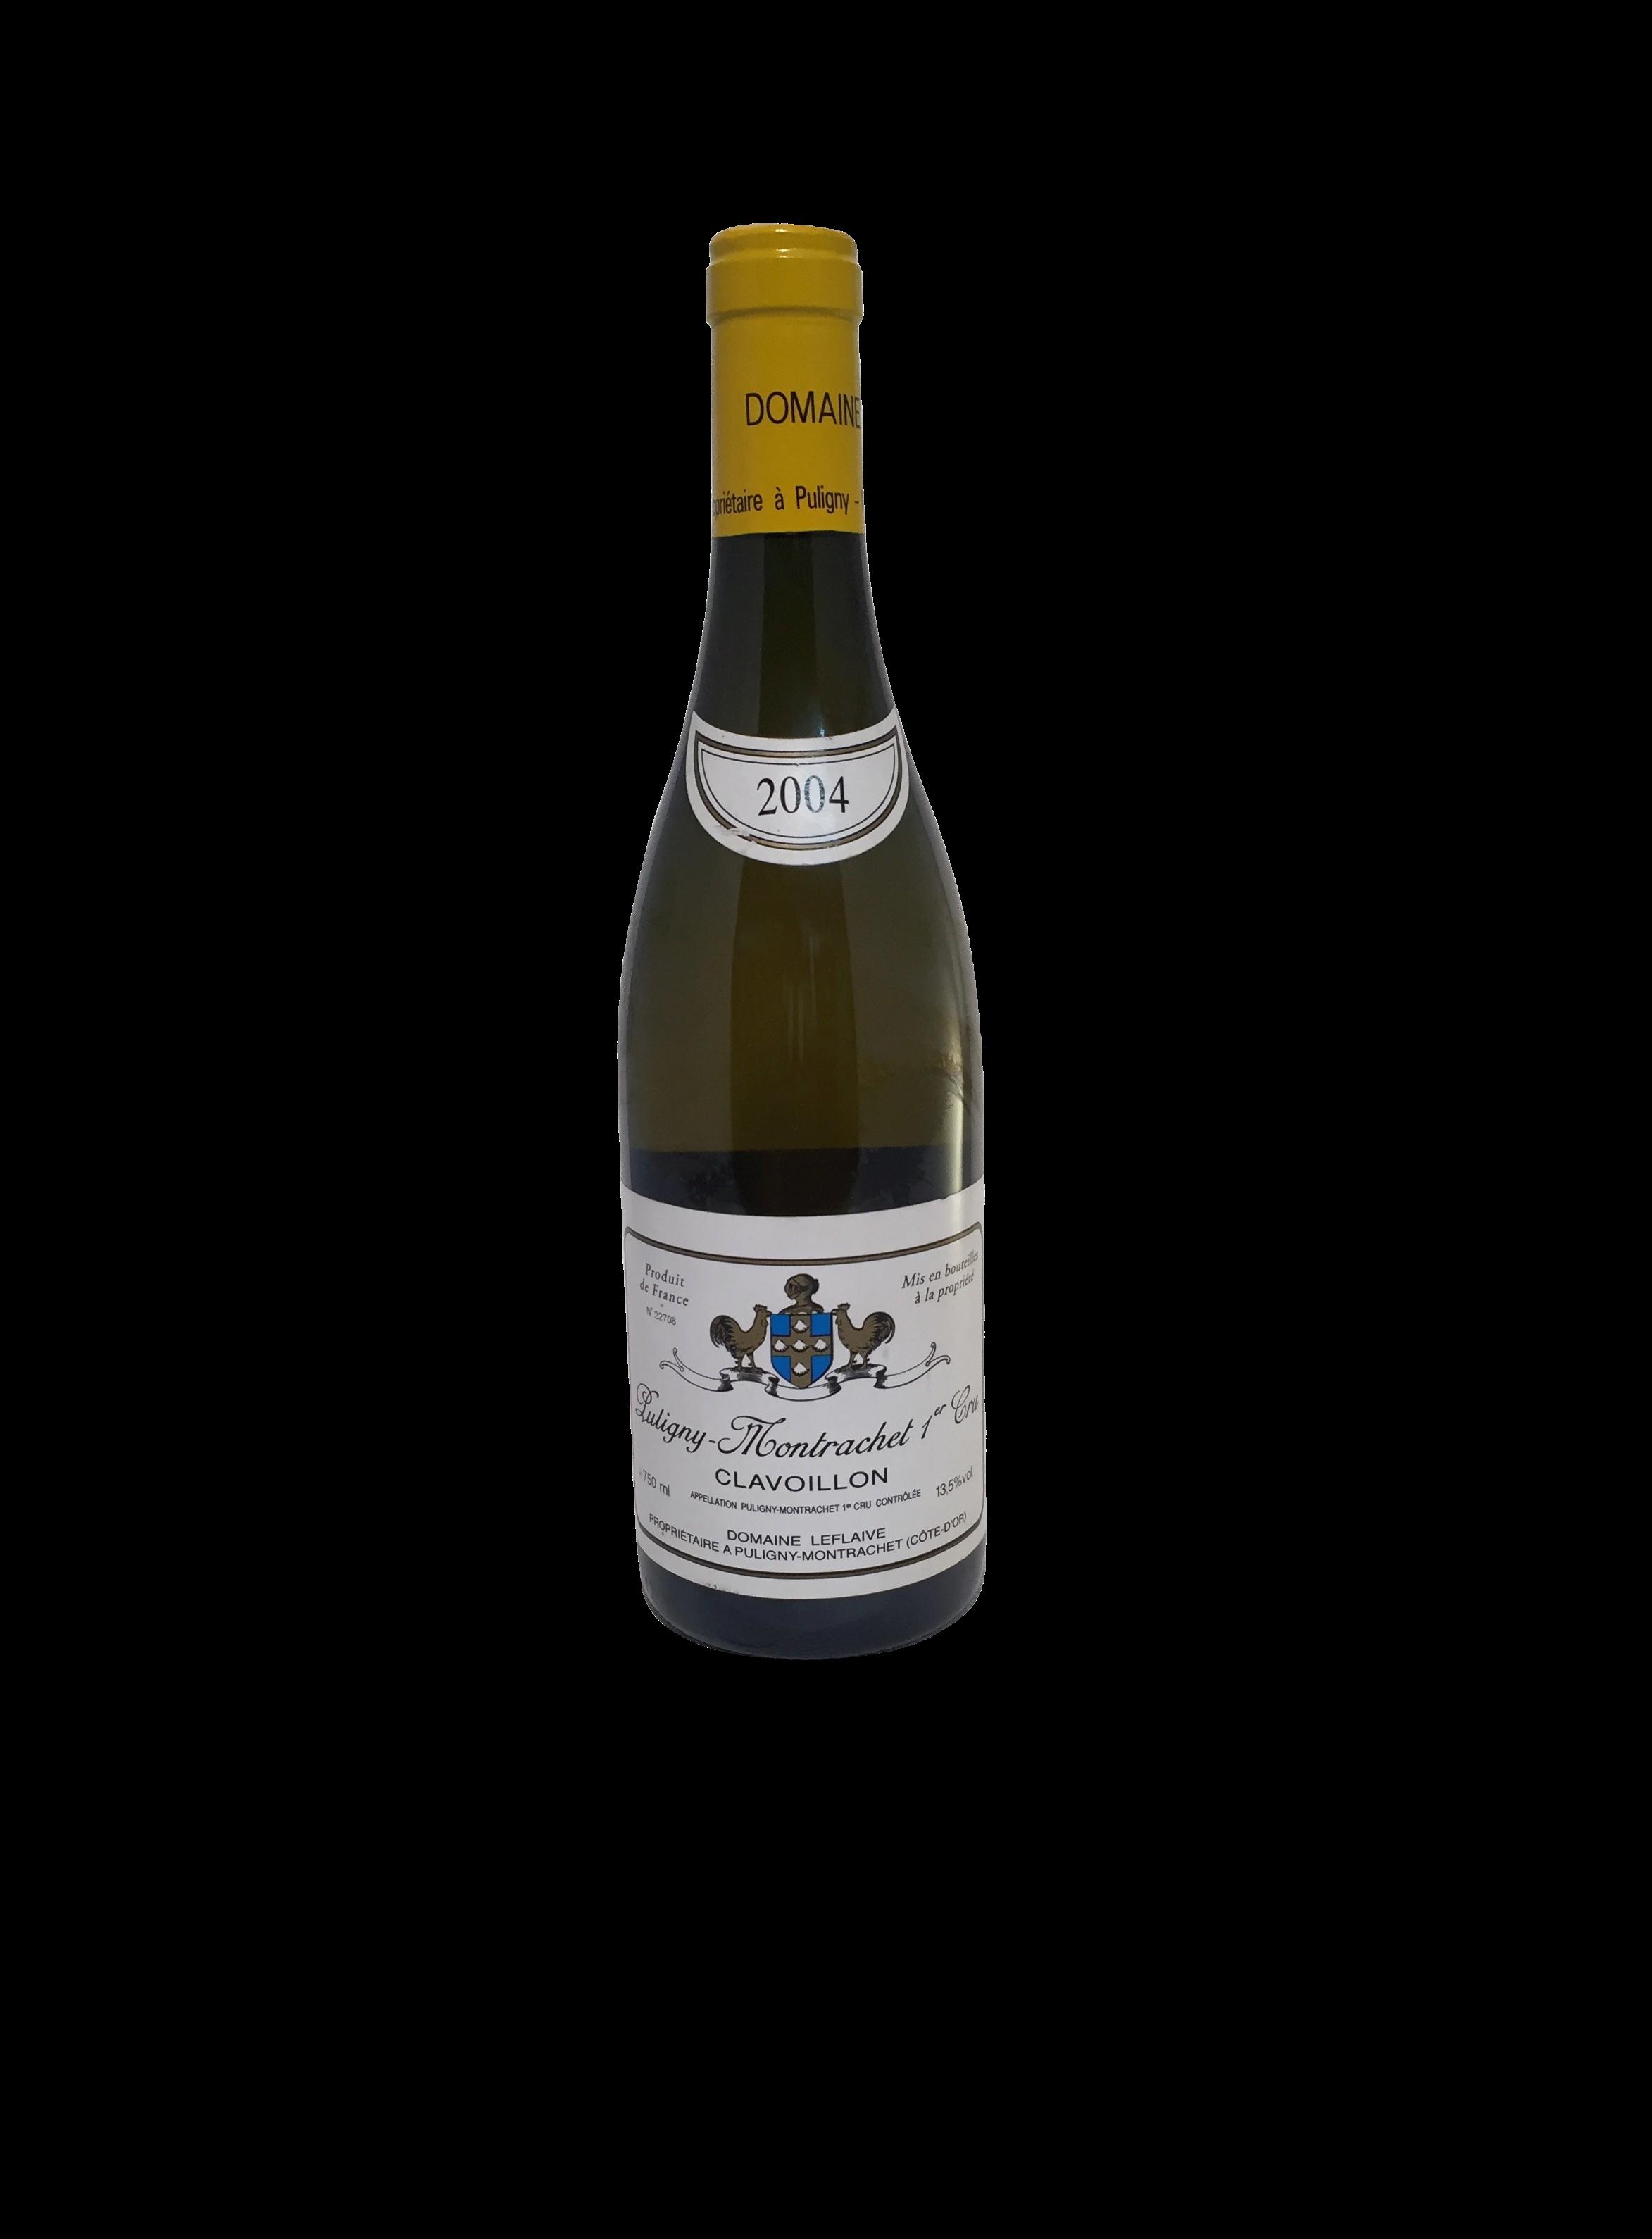 Domaine Leflaive – Puligny-Montrachet Clavoillon 2004